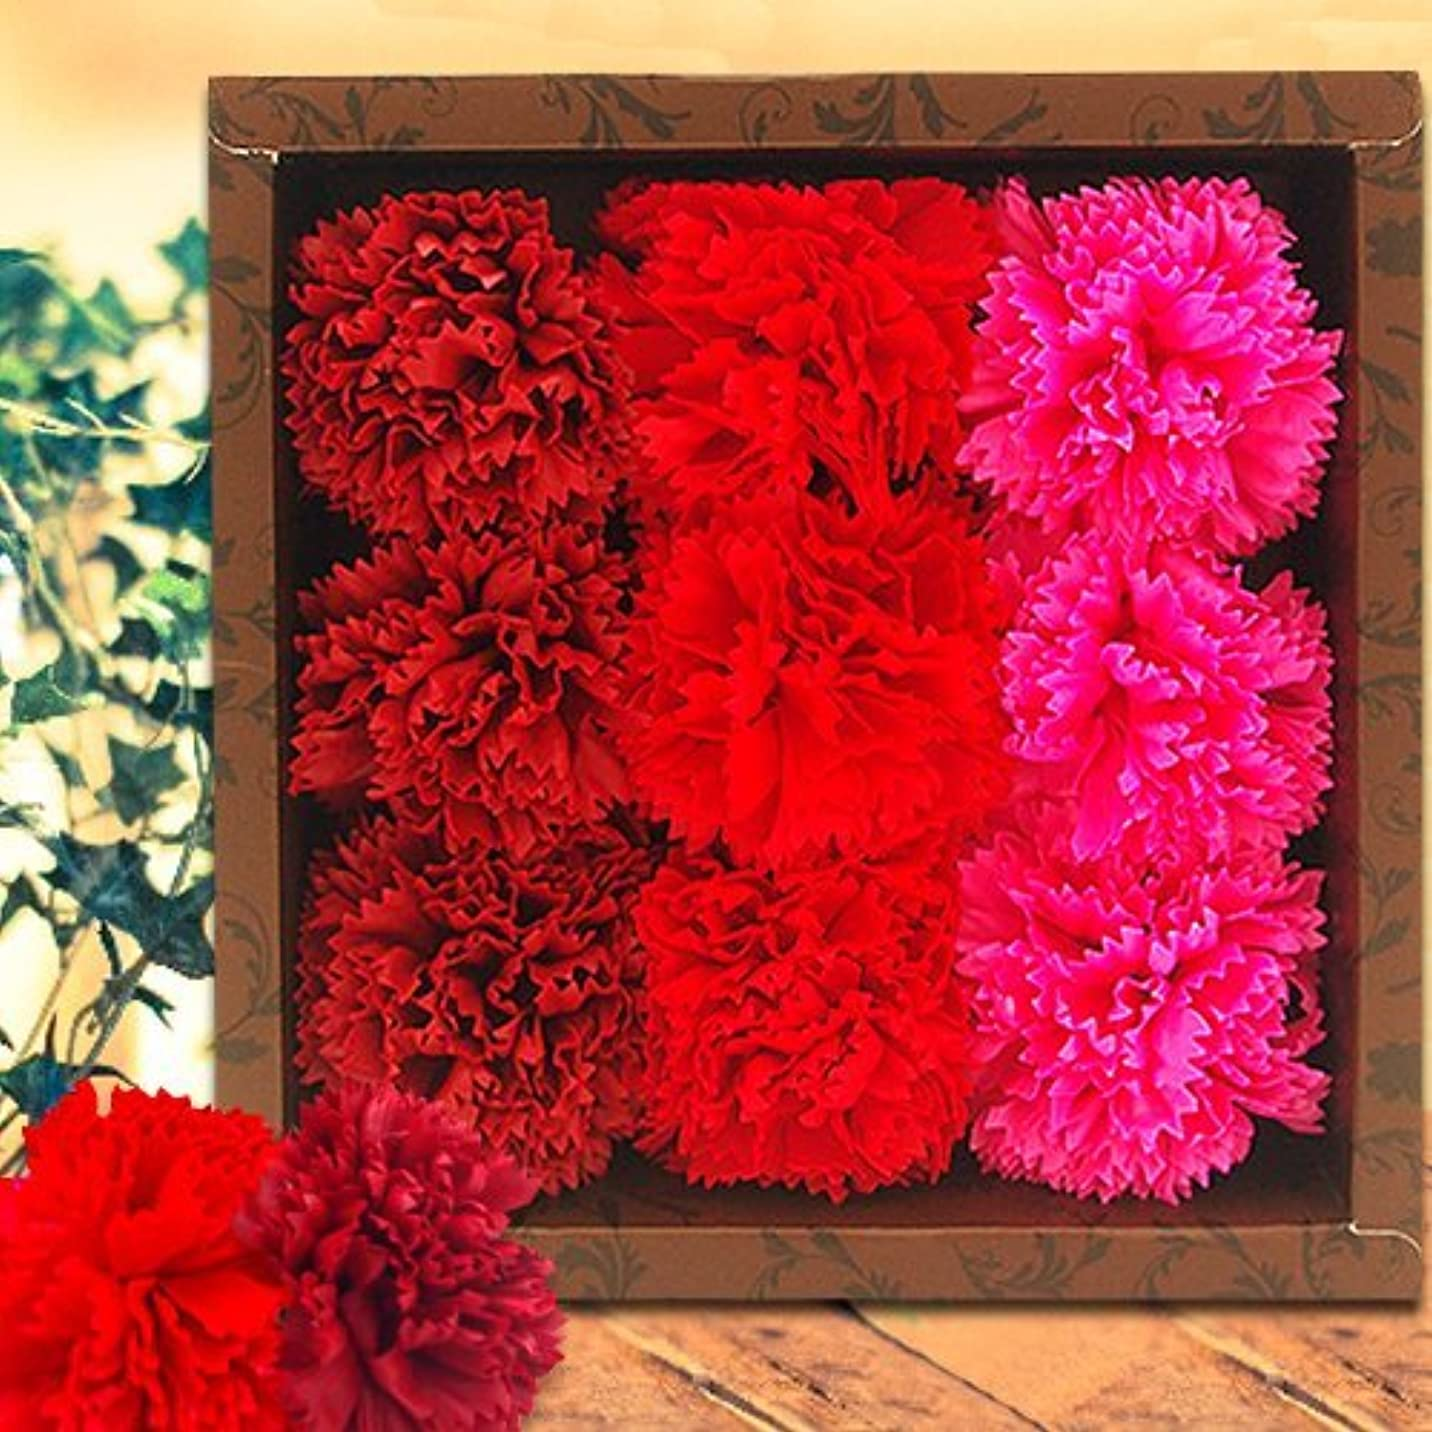 デッキ中級上陸フラワーフレグランス(Carnation/Red)